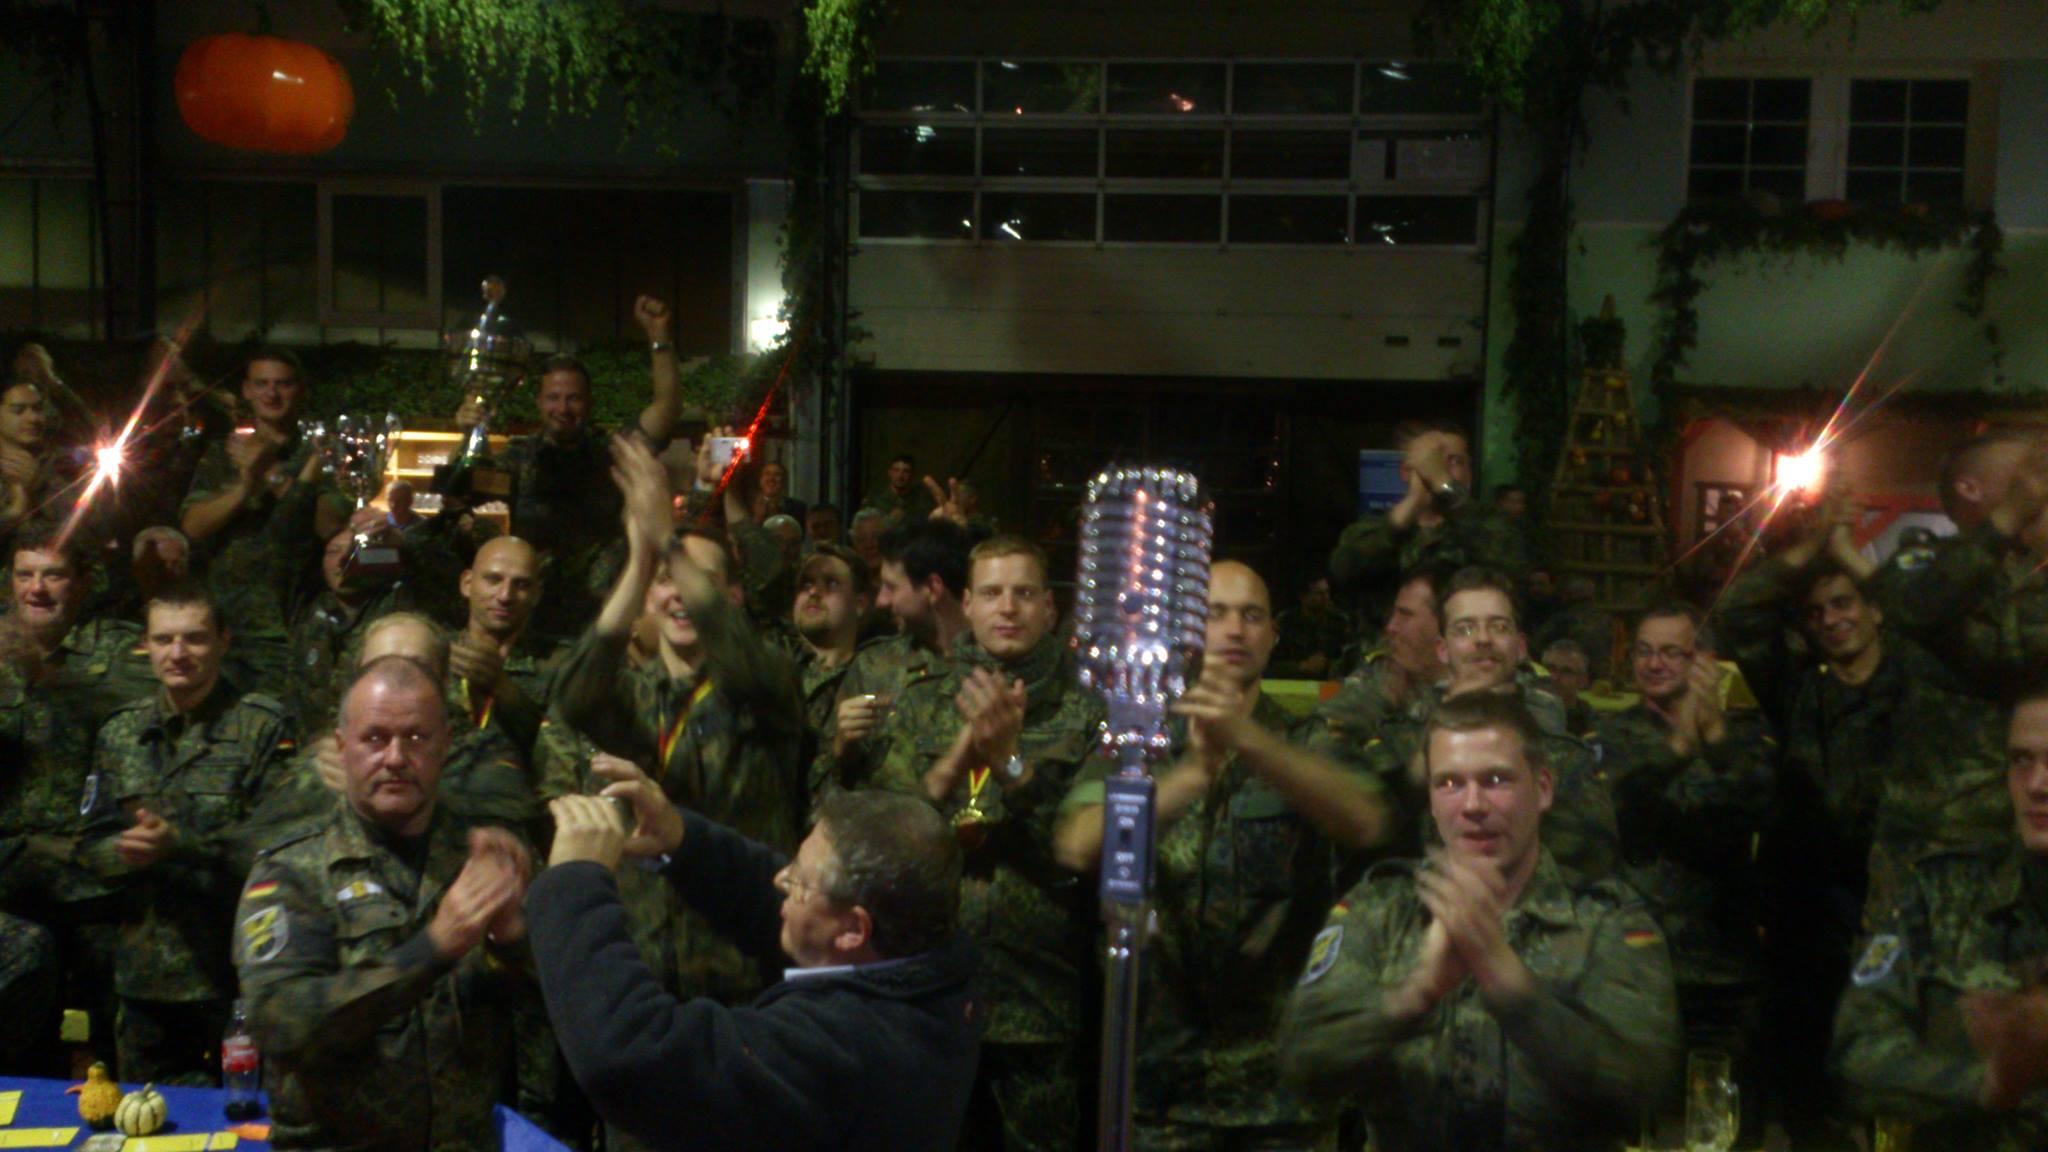 Gig @Reservistenmeisterschaft, Deutsche Bundeswehr